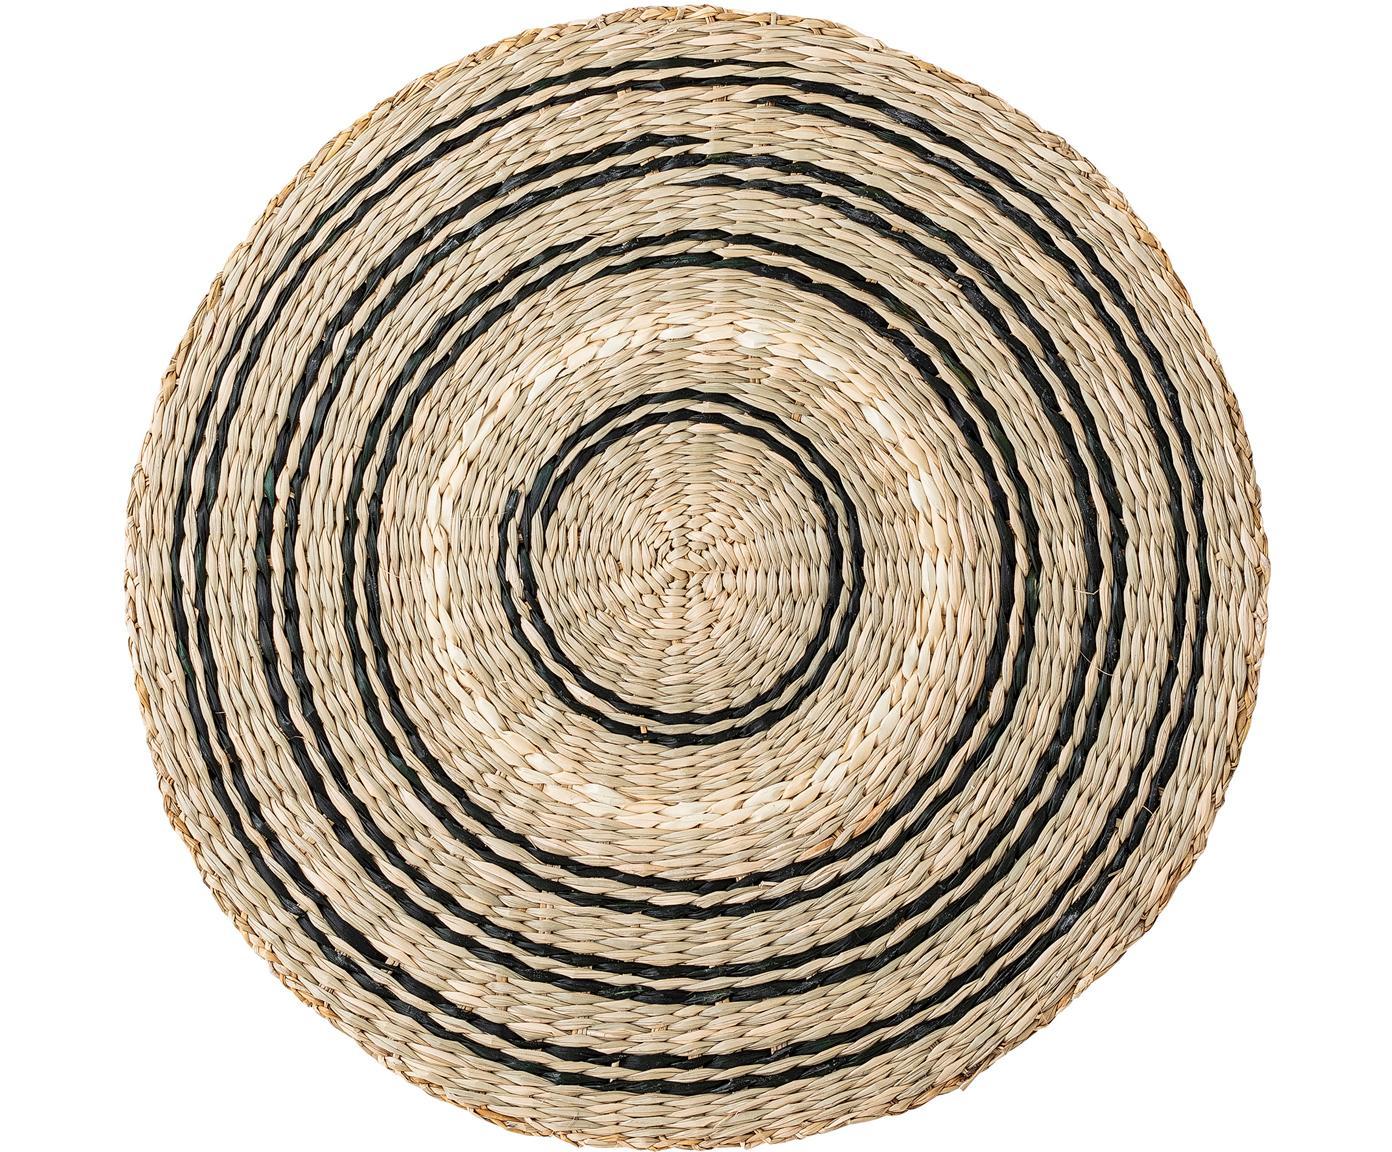 Rundes Seegras-Tischset Kama, Seegras, Beige, Weiss, Schwarz, Ø 38 cm